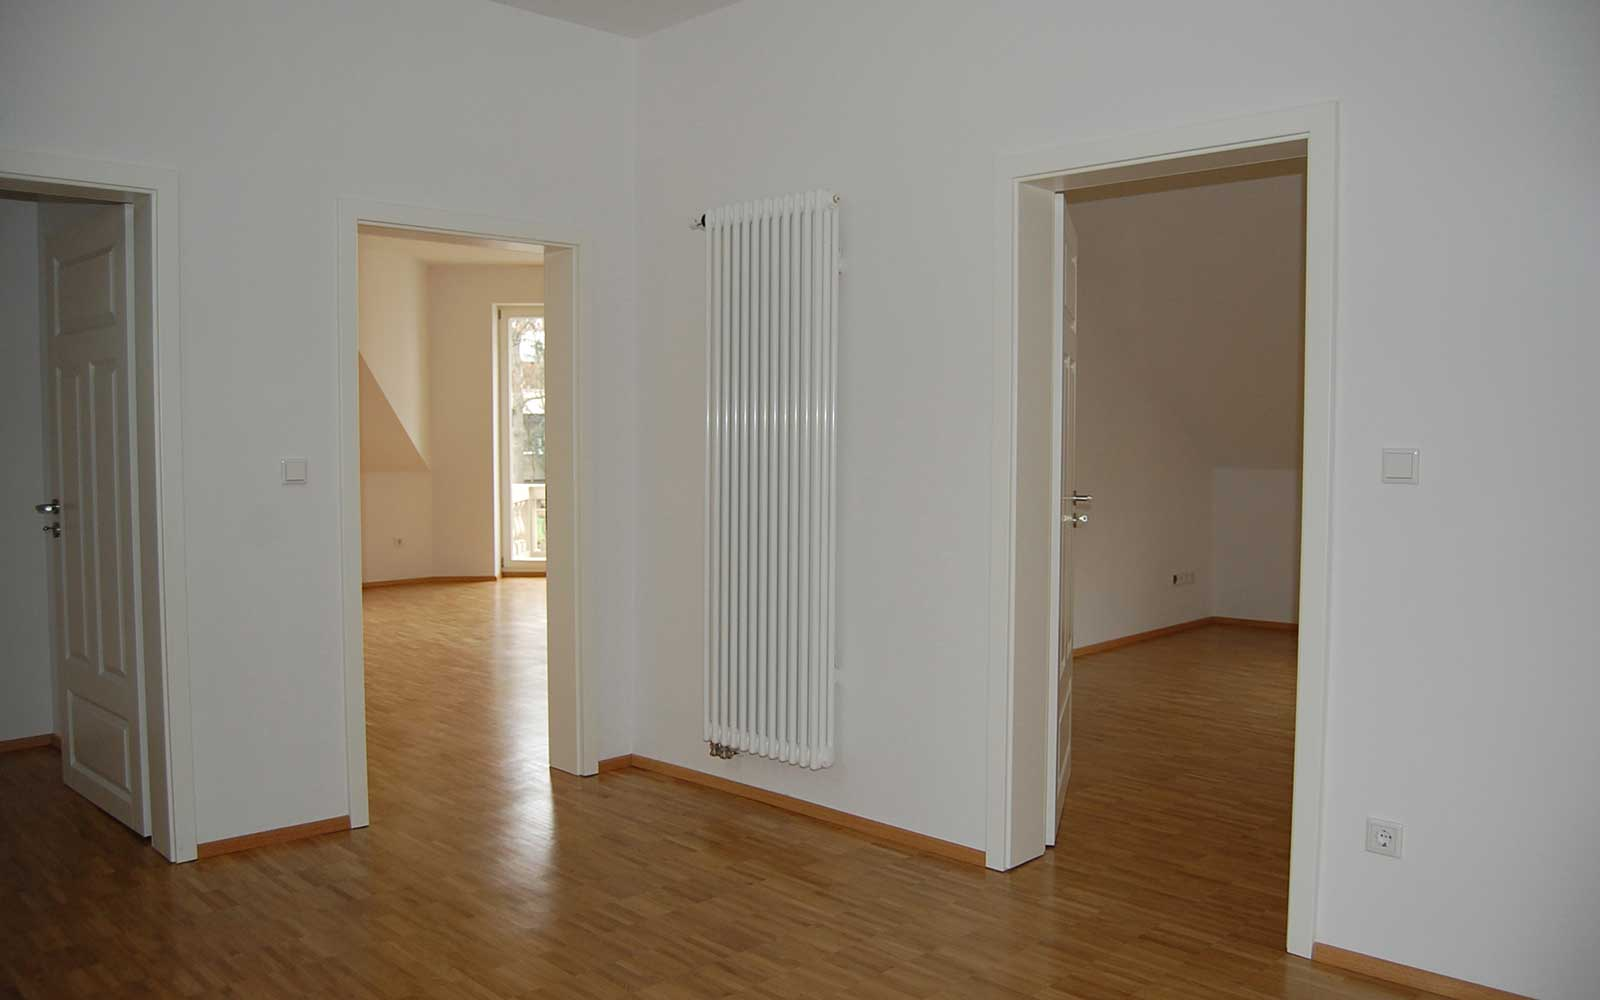 Architekten Kochhan und Weckbach Mehrfamilienhaus Weststadt Heidelberg